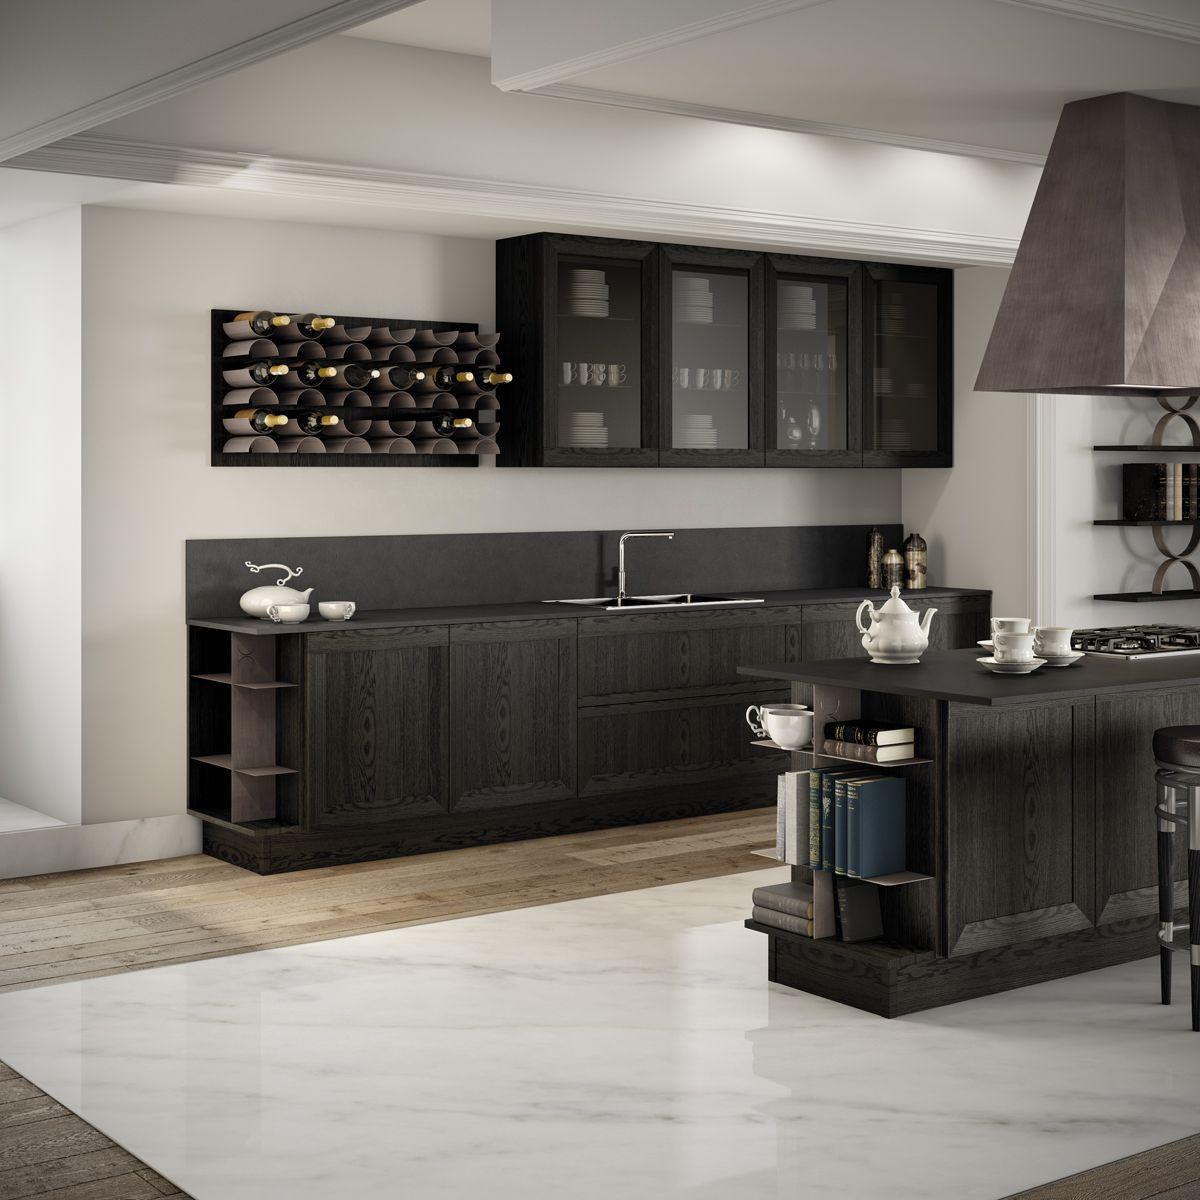 Cucina Lux Snaidero Prezzi cucina milano lux | berloni, design, cucine